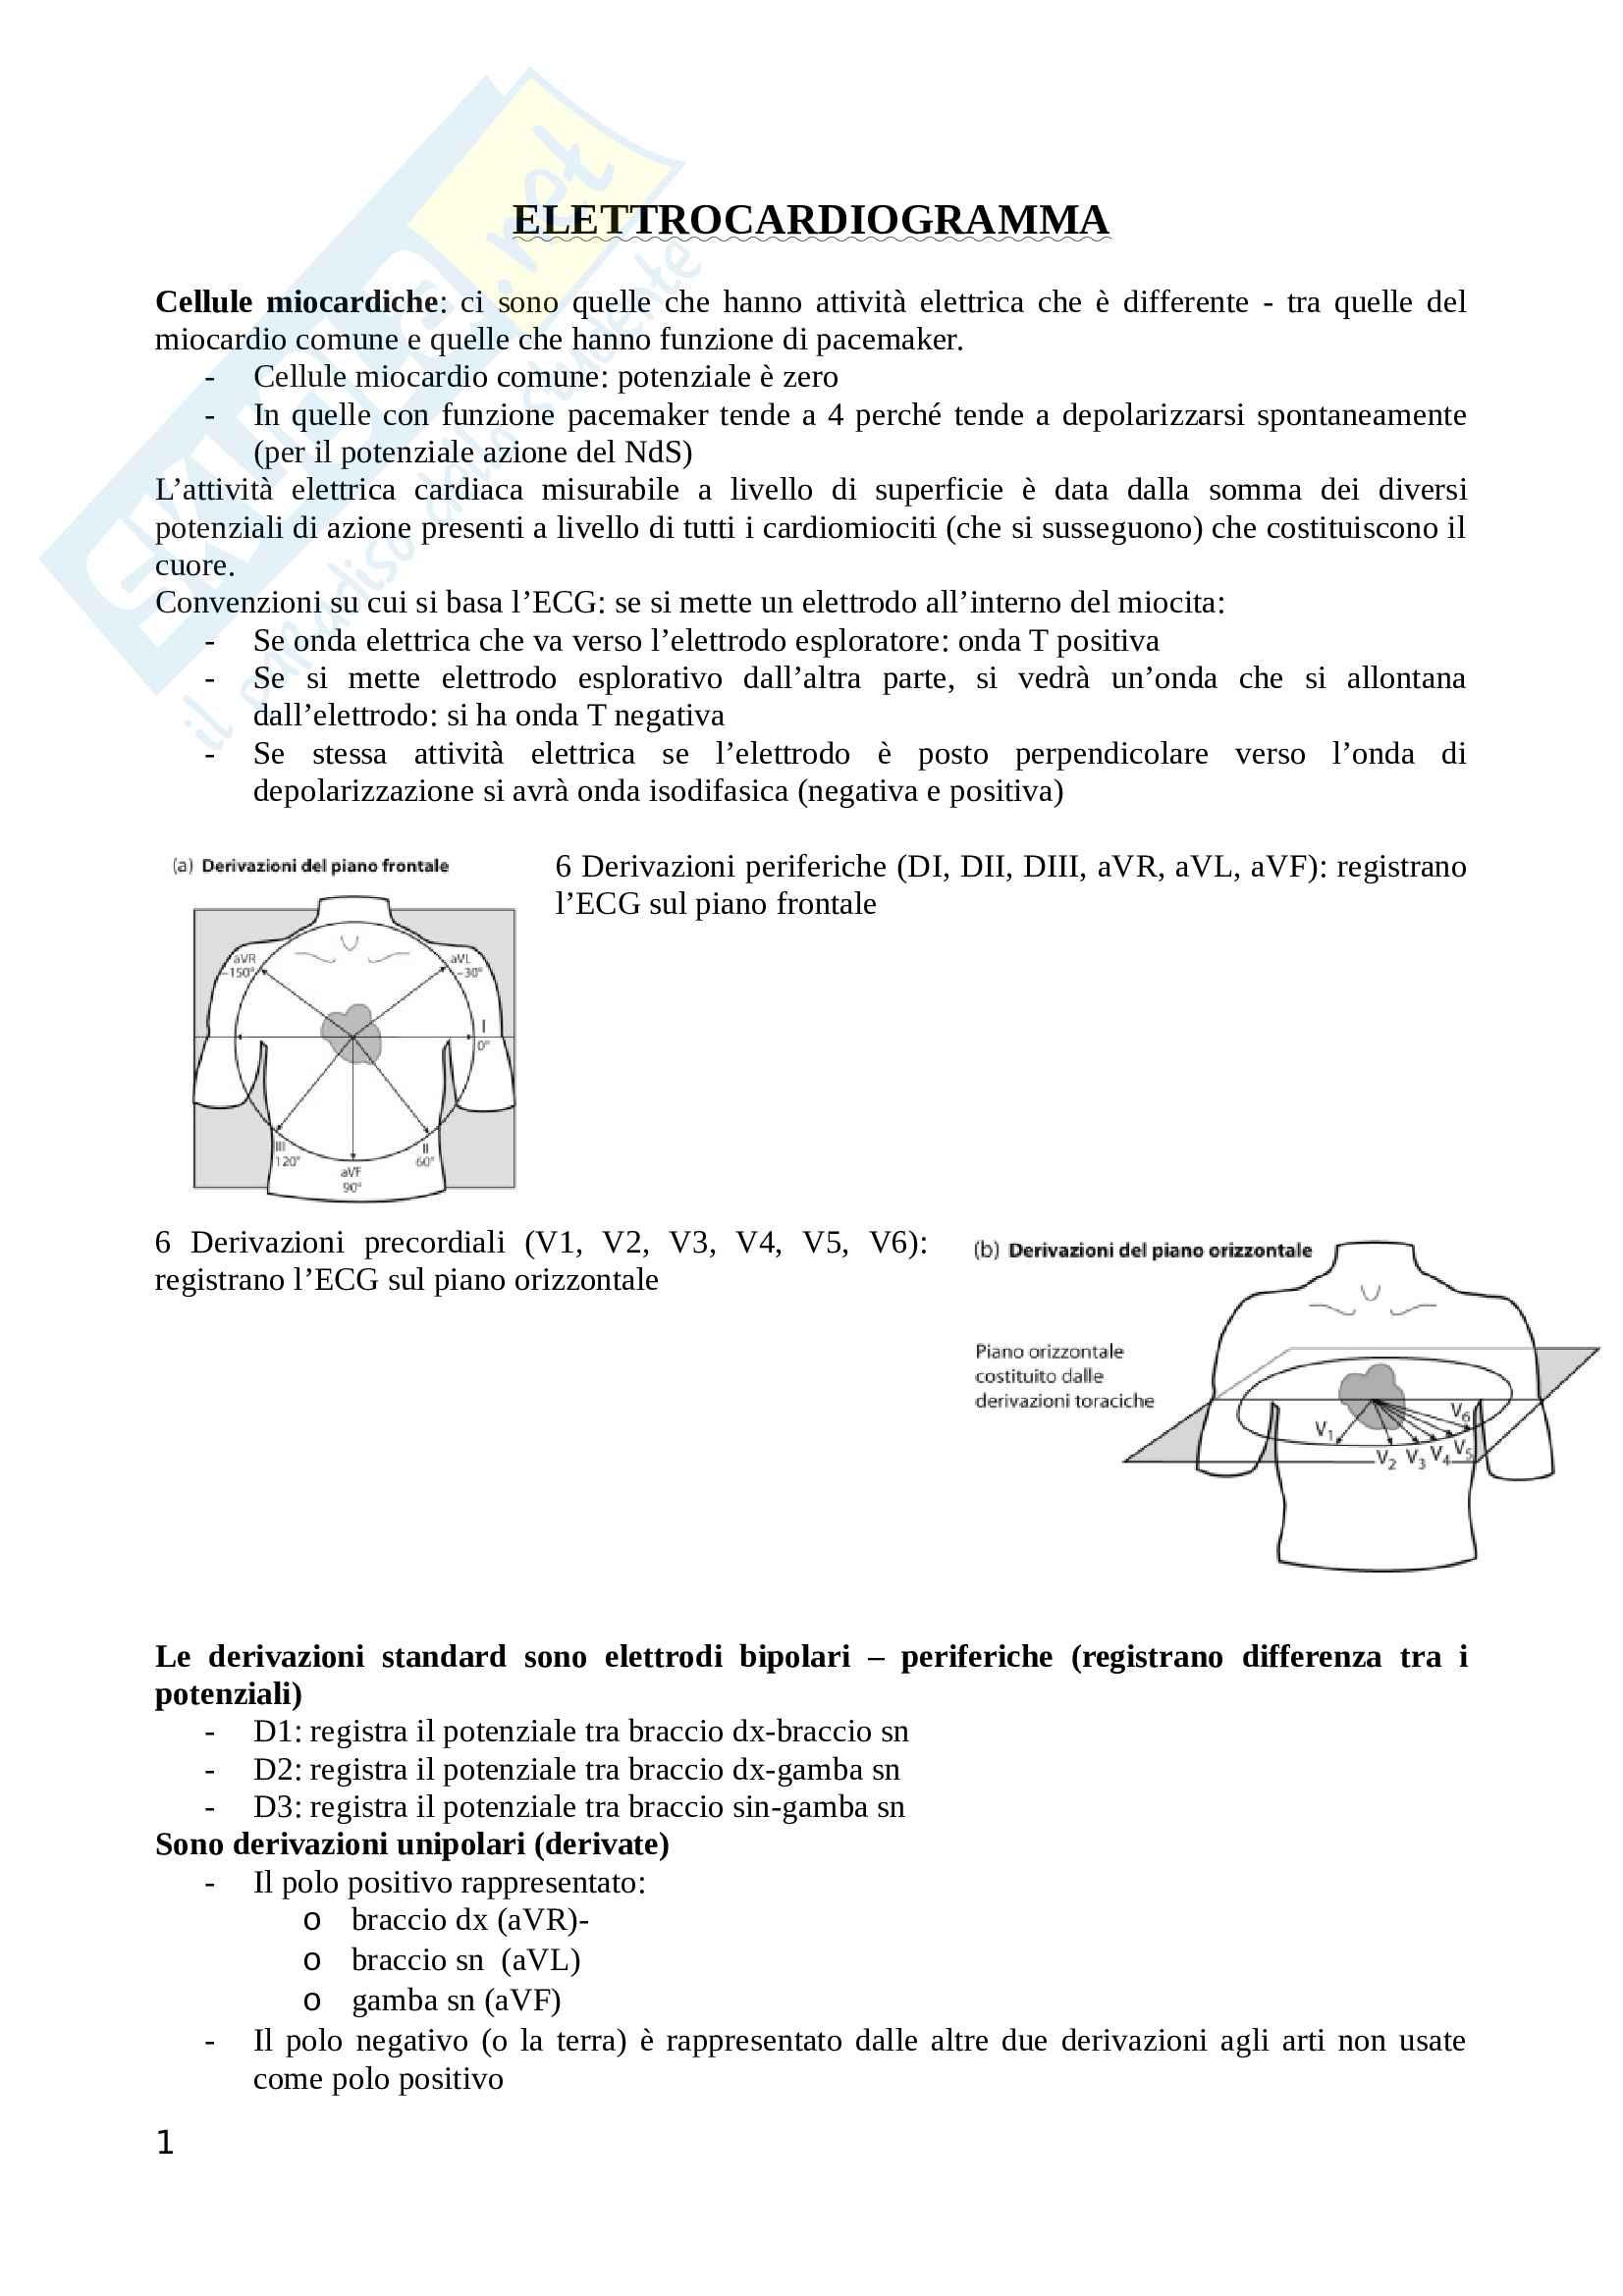 Elettrocardiogramma (ECG) e aritmie